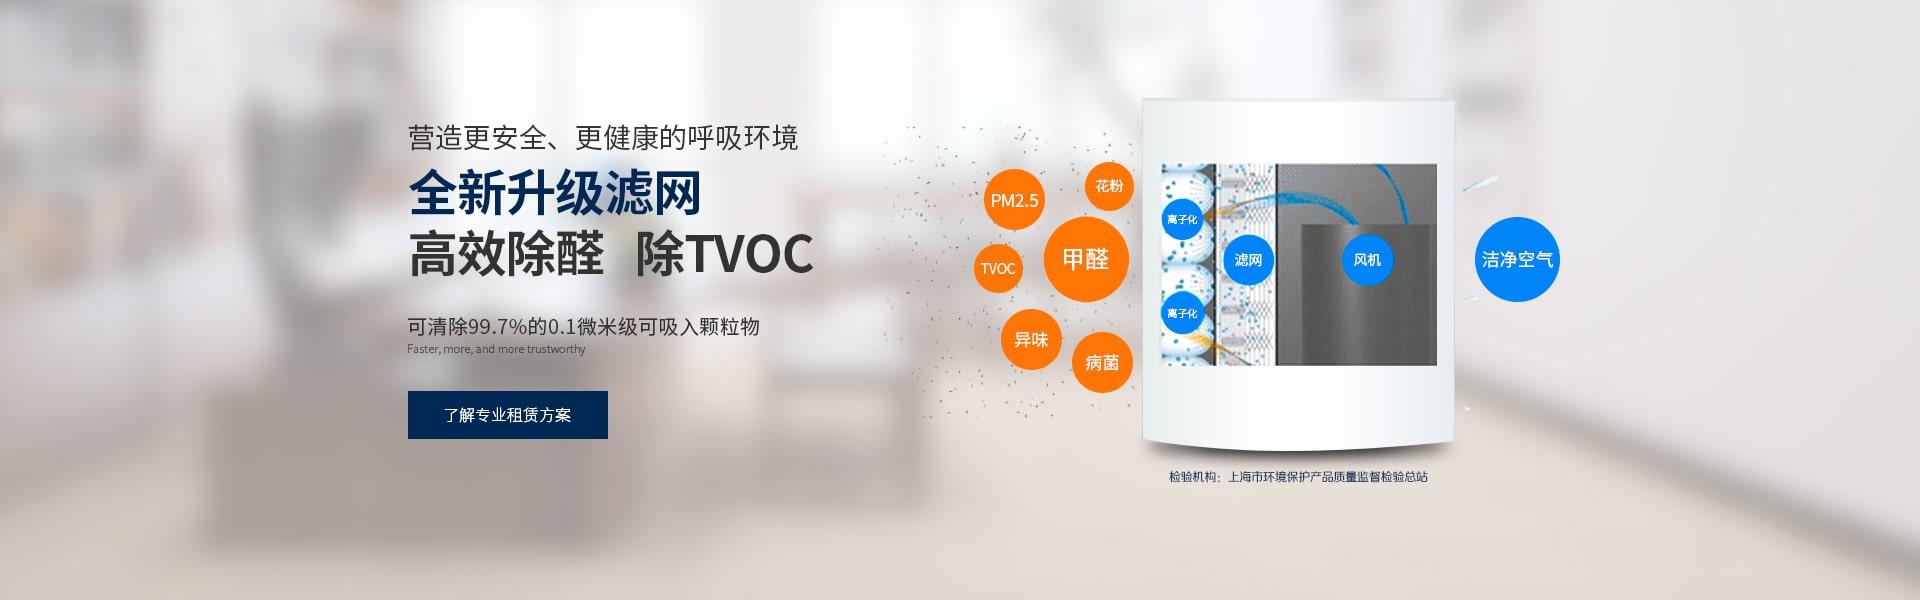 全新升级滤网 高效除醛 除TVOC